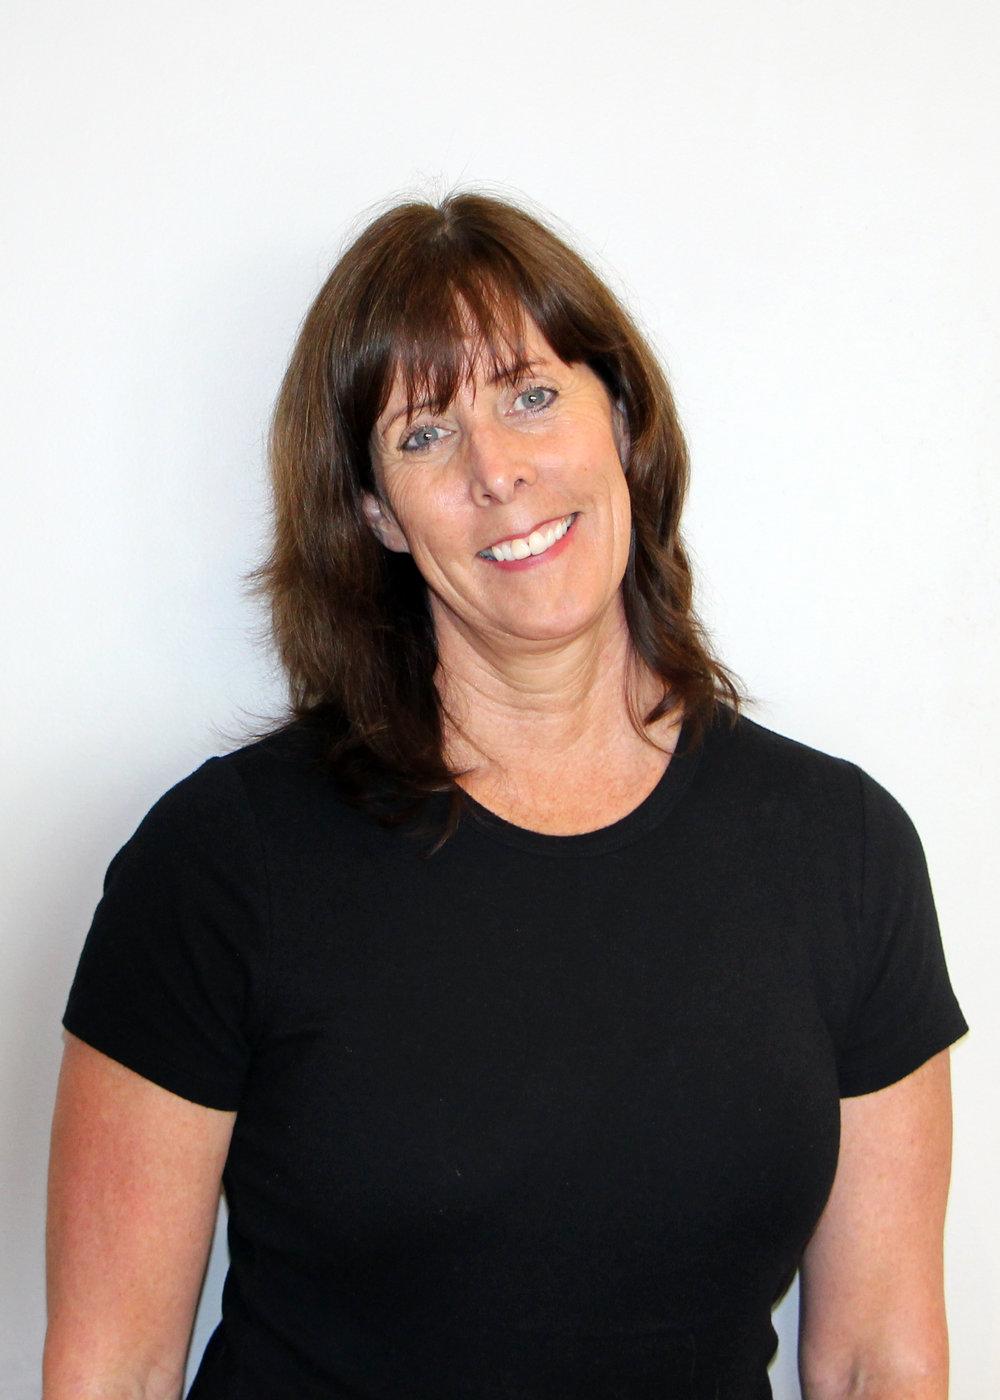 Maureen D'Haene